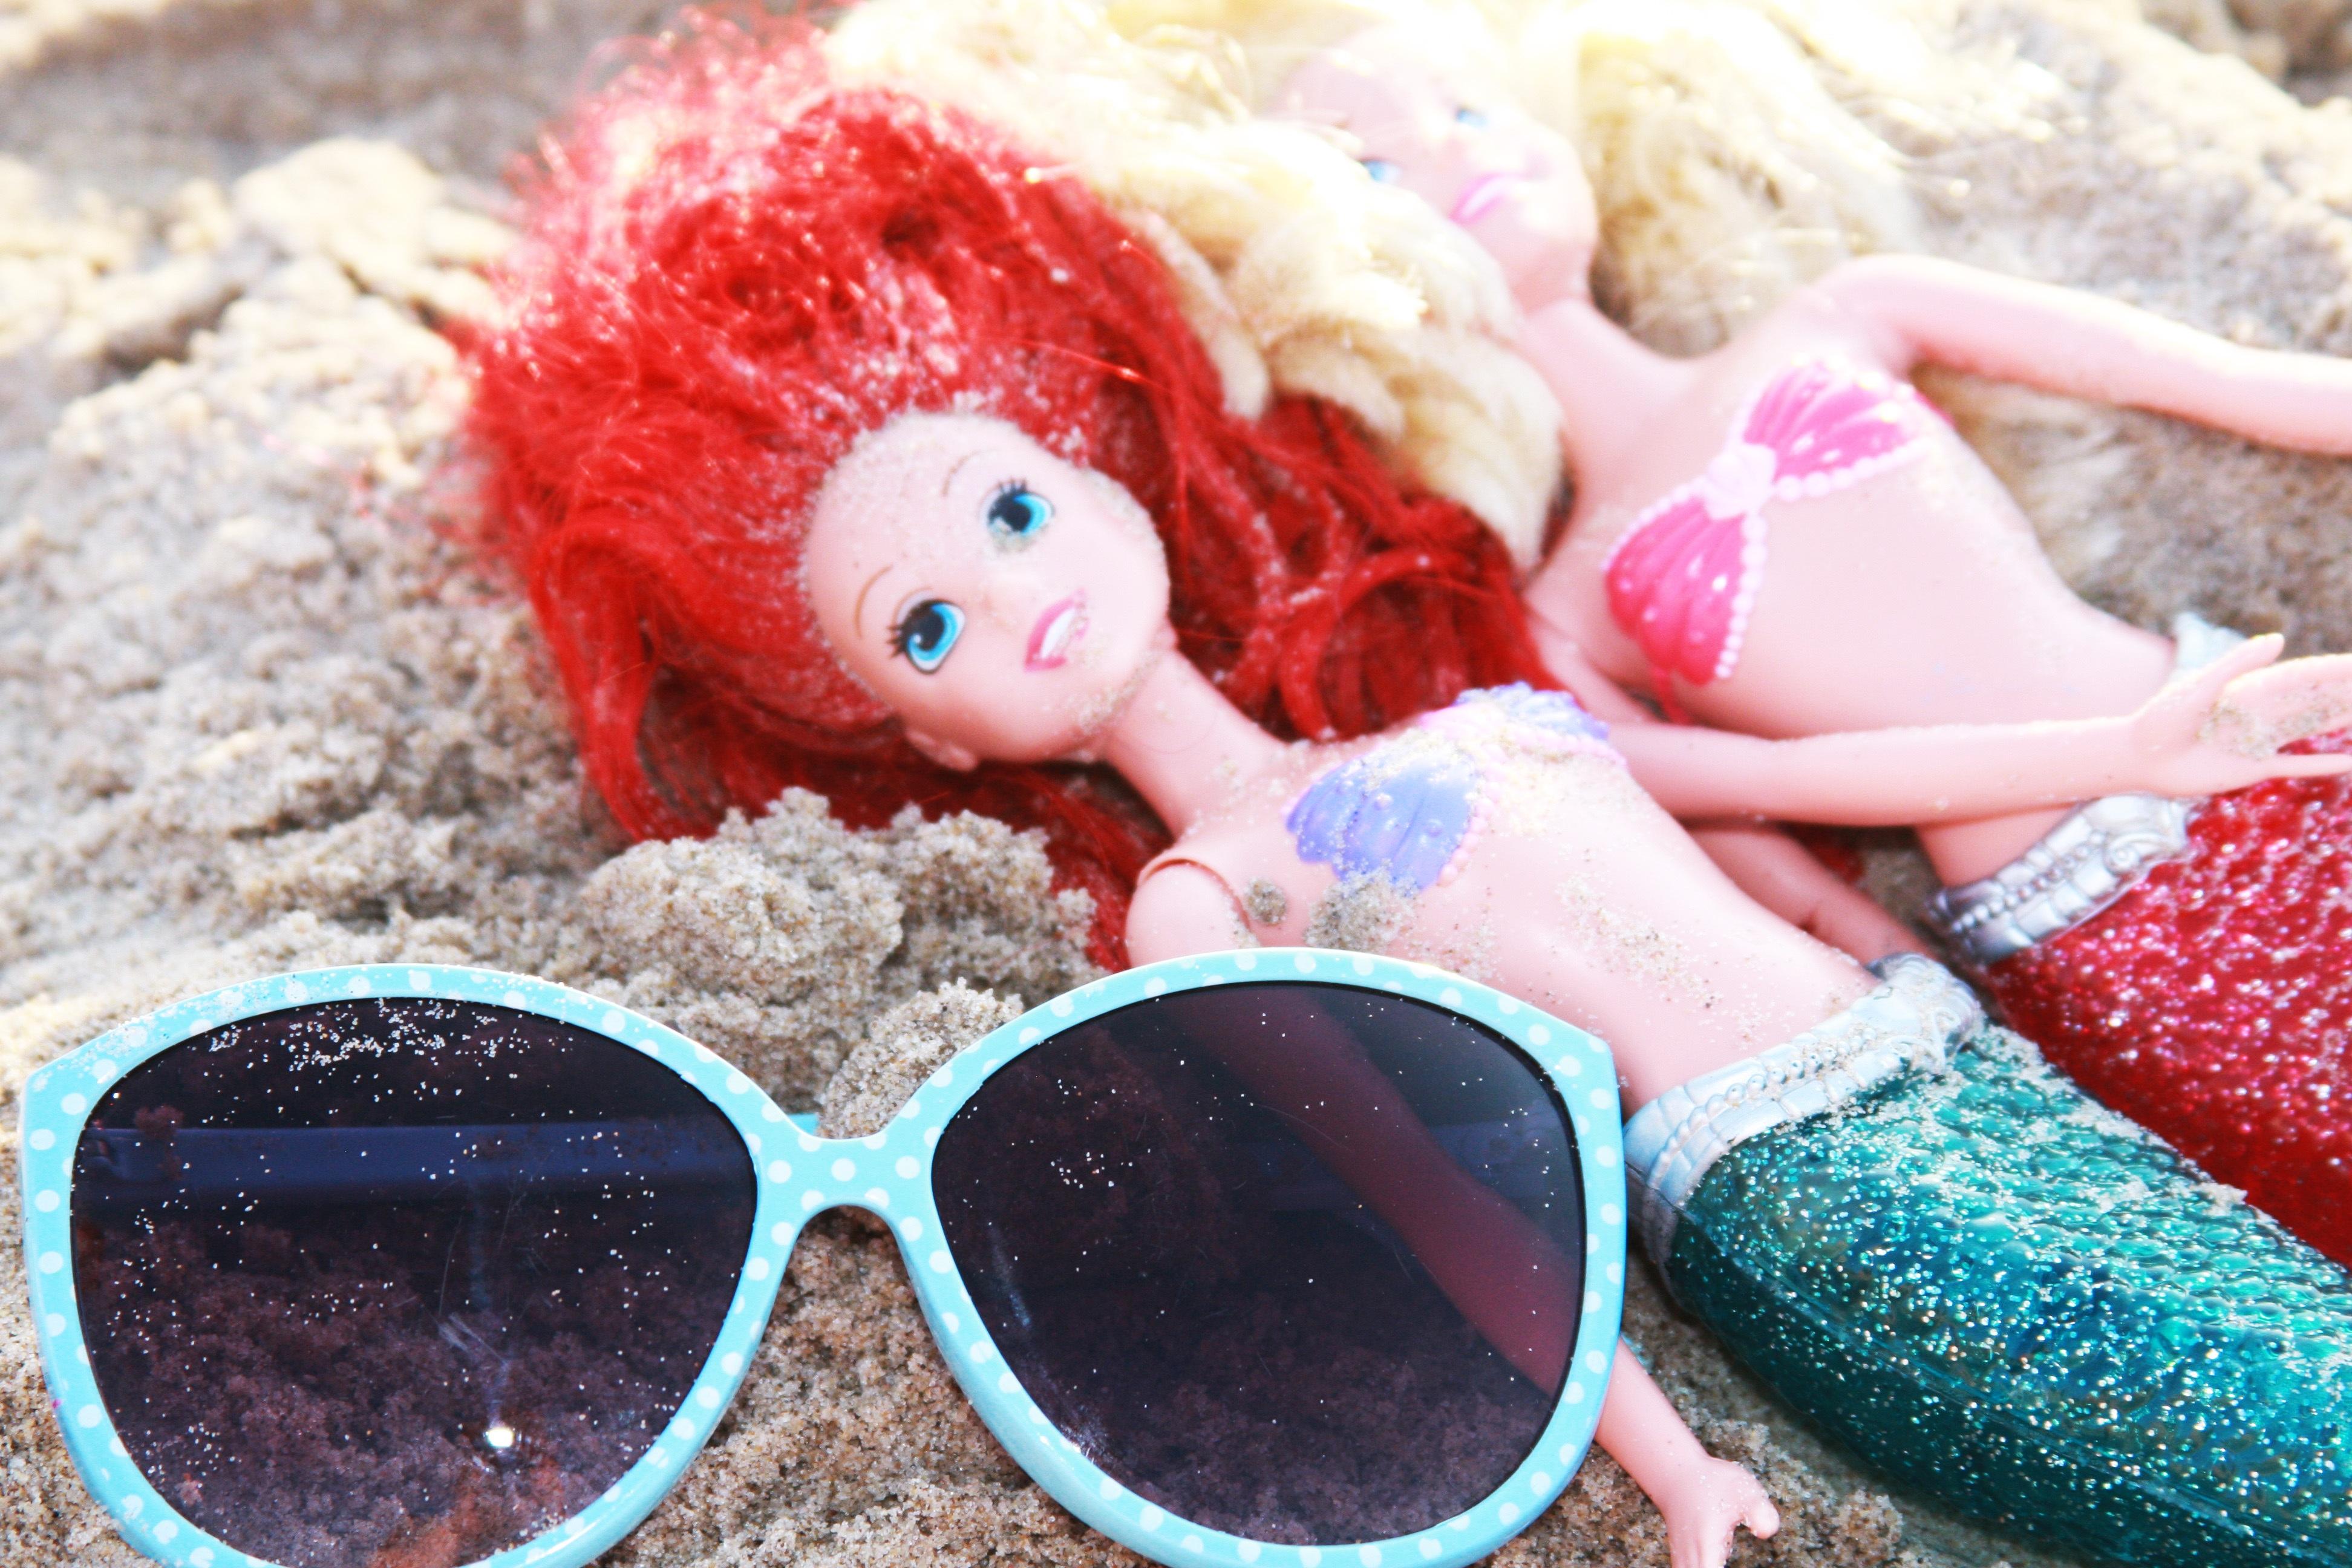 8ddc89e2ef916 ... vermelho, cor, azul, Rosa, brinquedo, infância, crochê, ensolarado,  boneca, arte, Diversão, oculos de sol, óculos, Brinquedos, Bonecas, Doçura,  sereia ...